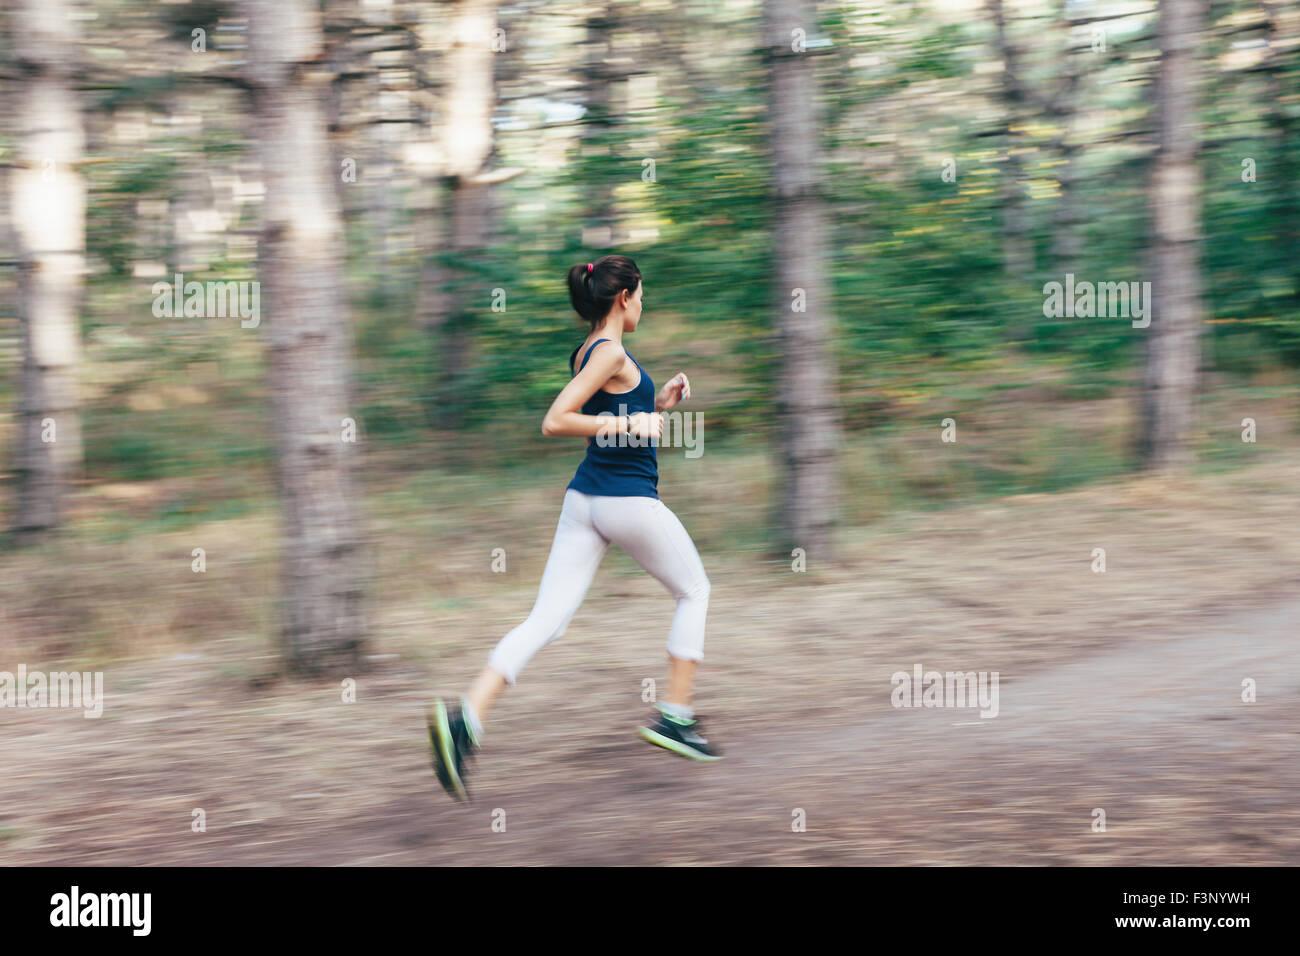 Jeune femme tournant sur un chemin rural au coucher du soleil dans la forêt d'automne. Fond sports Lifestyle Banque D'Images